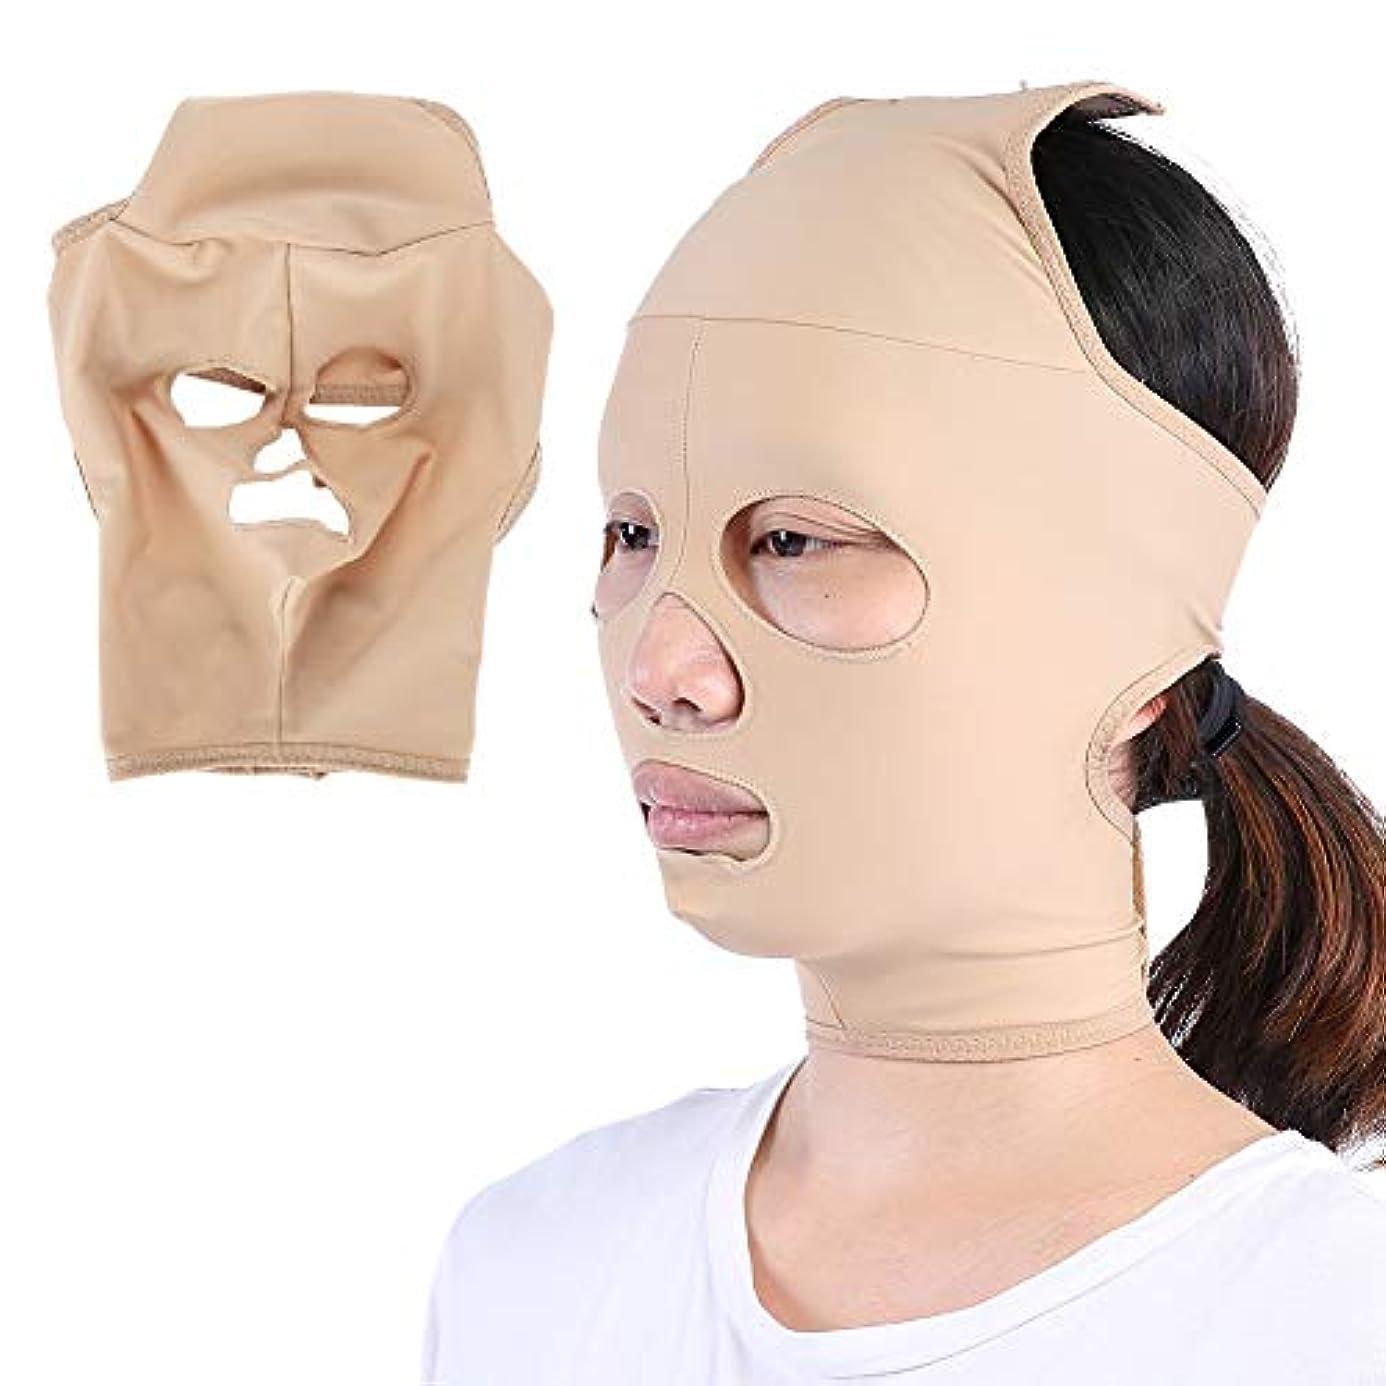 私たち悪性生きる顔の减量のベルト、完全なカバレッジ 顔のVラインを向上させる 二重顎を減らす二重顎、スキンケア包帯(S)